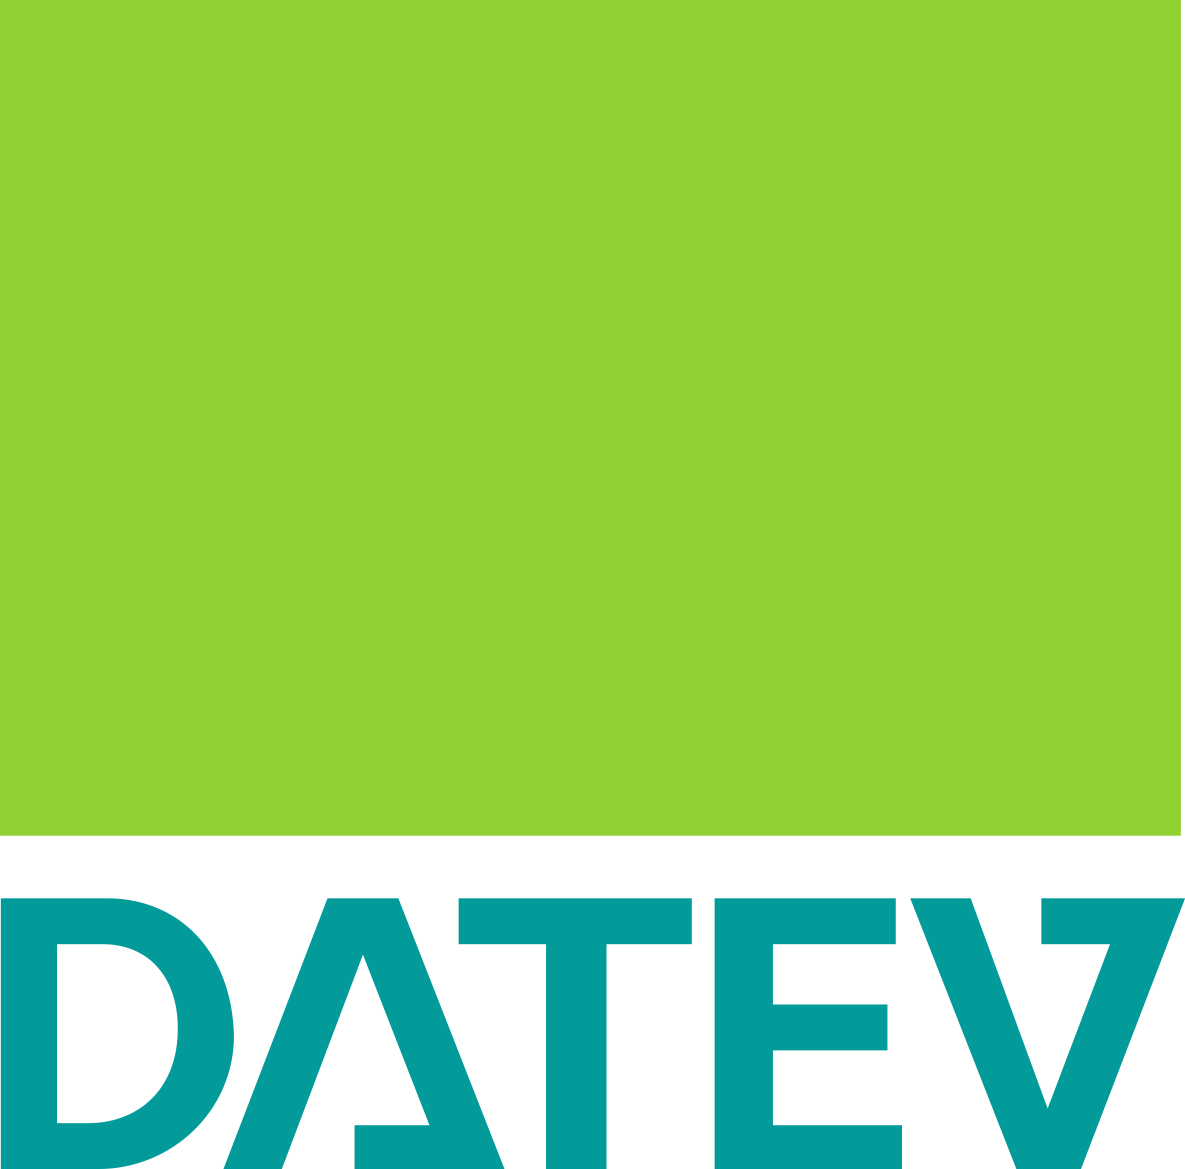 DATEV_Logo_100_RGB